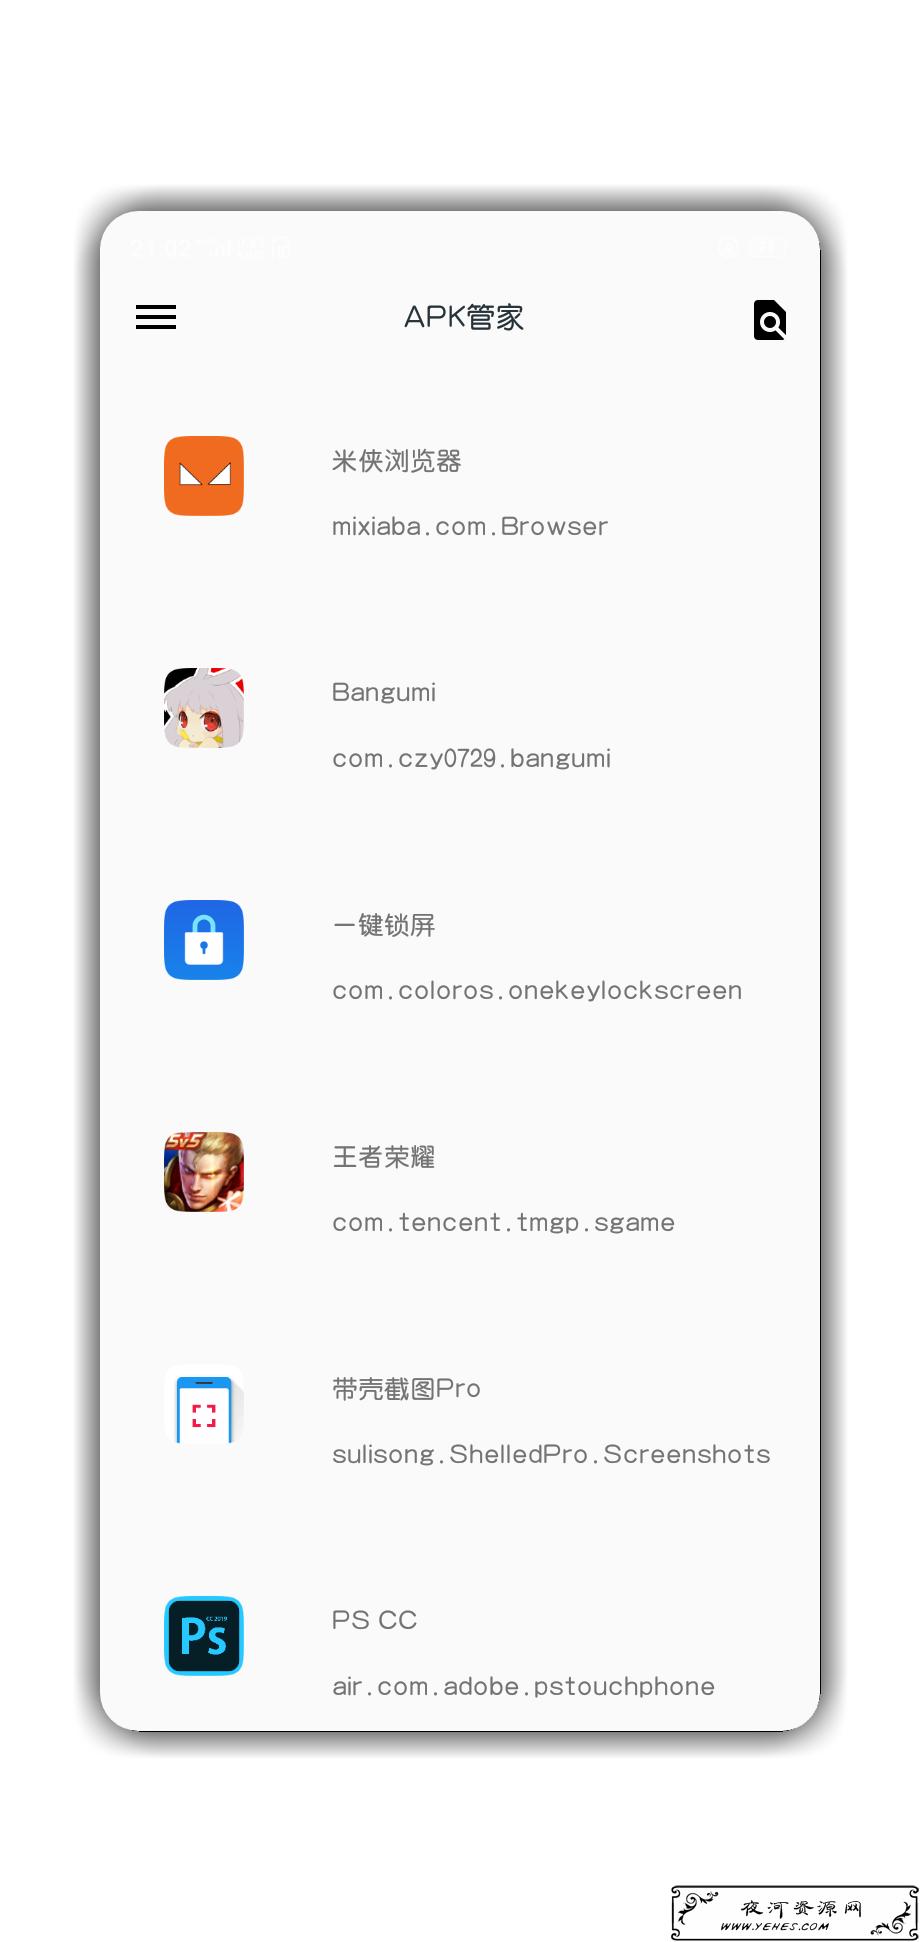 apk管家_提取手机安装包软件